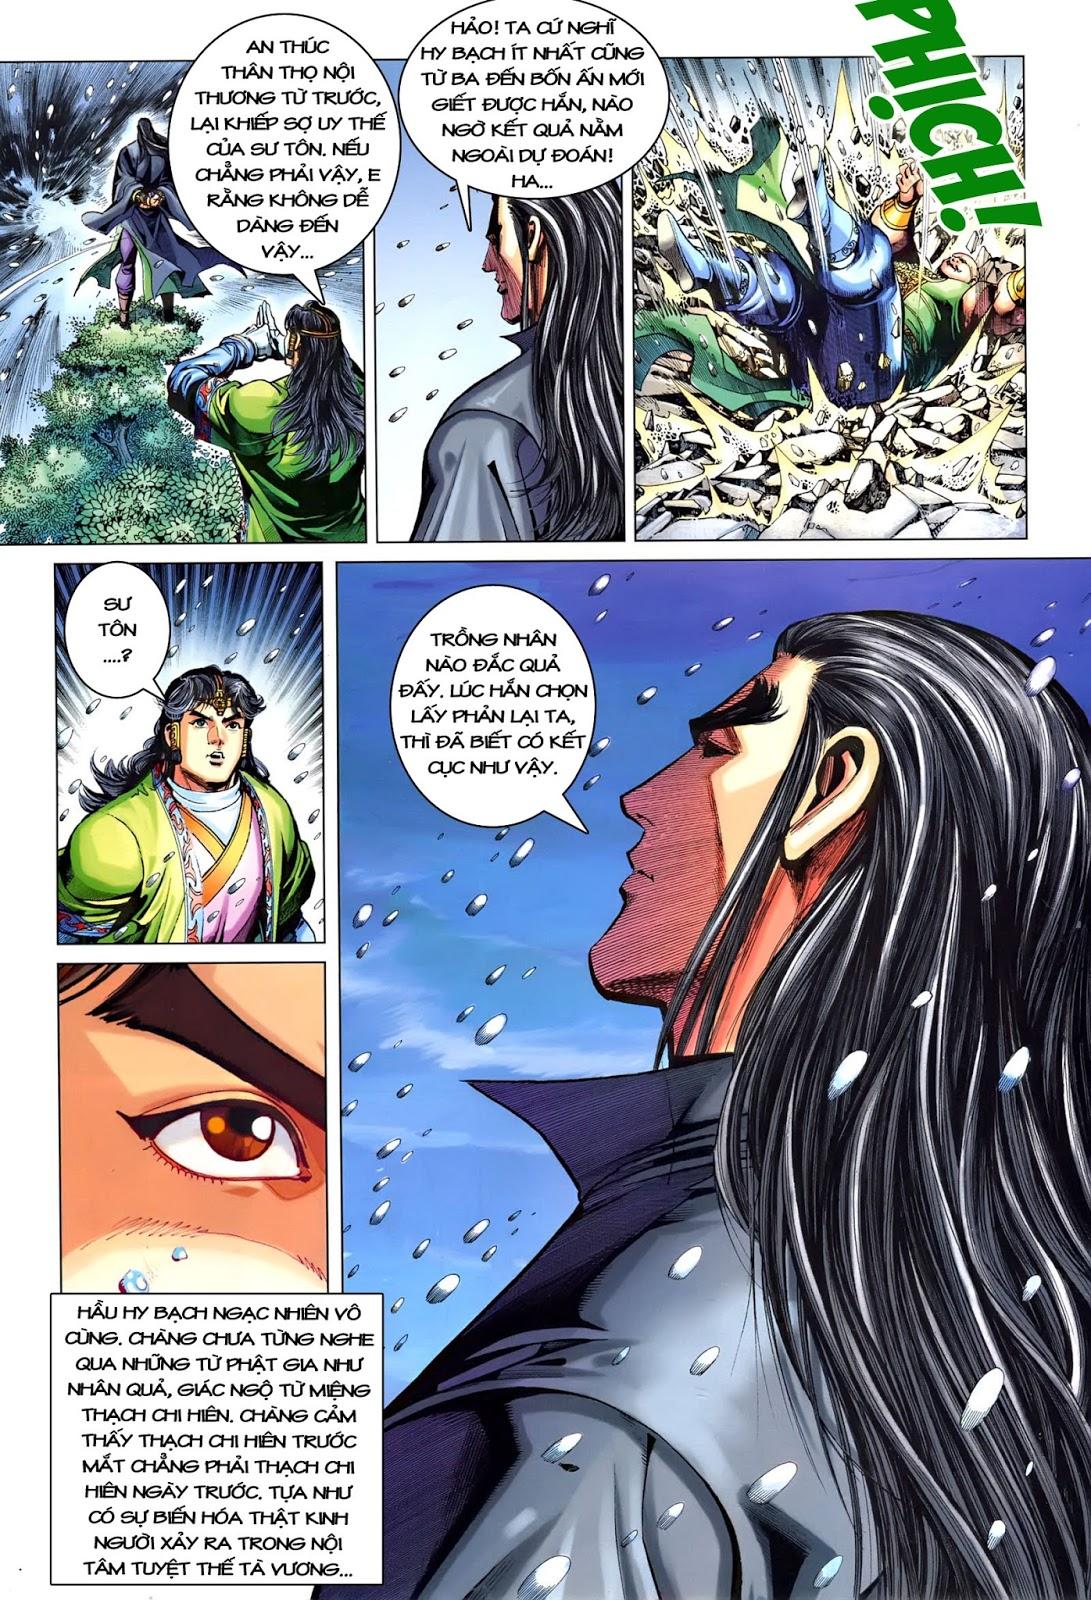 Đại Đường Song Long Truyện chap 218 - Trang 21